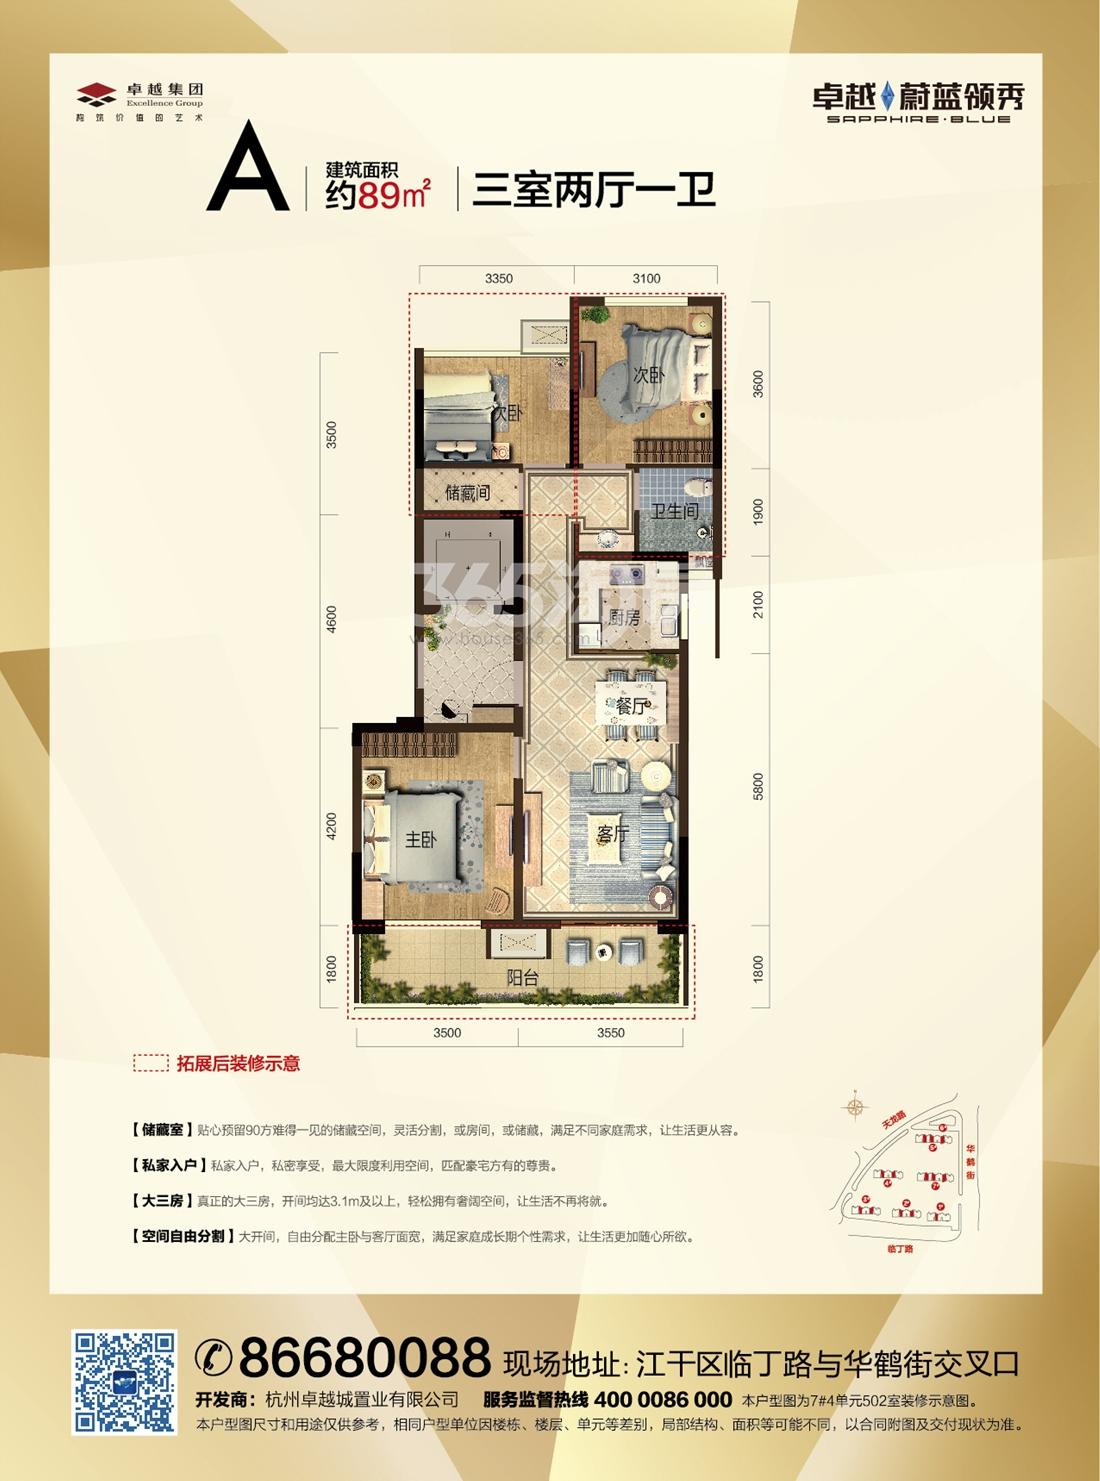 卓越蔚蓝领秀一期A户型图89方(1-5、7号楼)